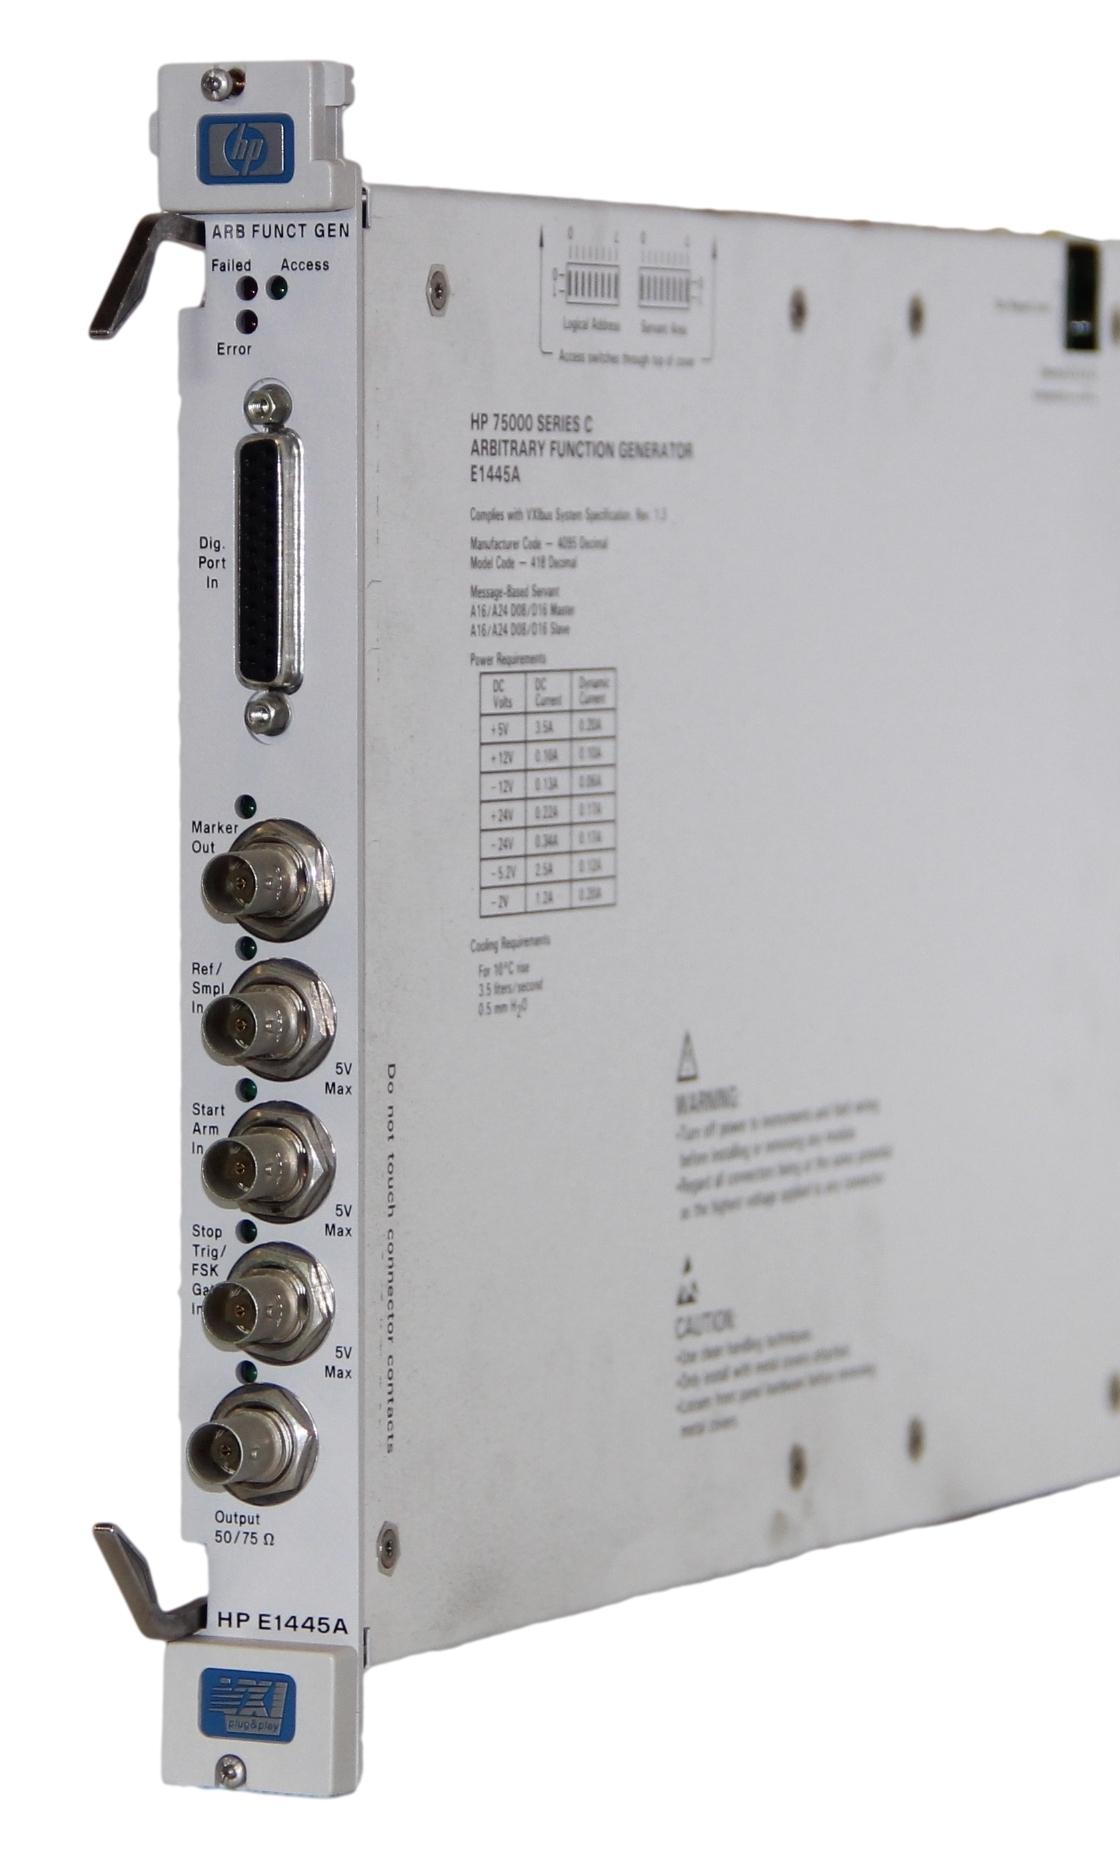 Keysight E1445A Arbitrary Function Generator